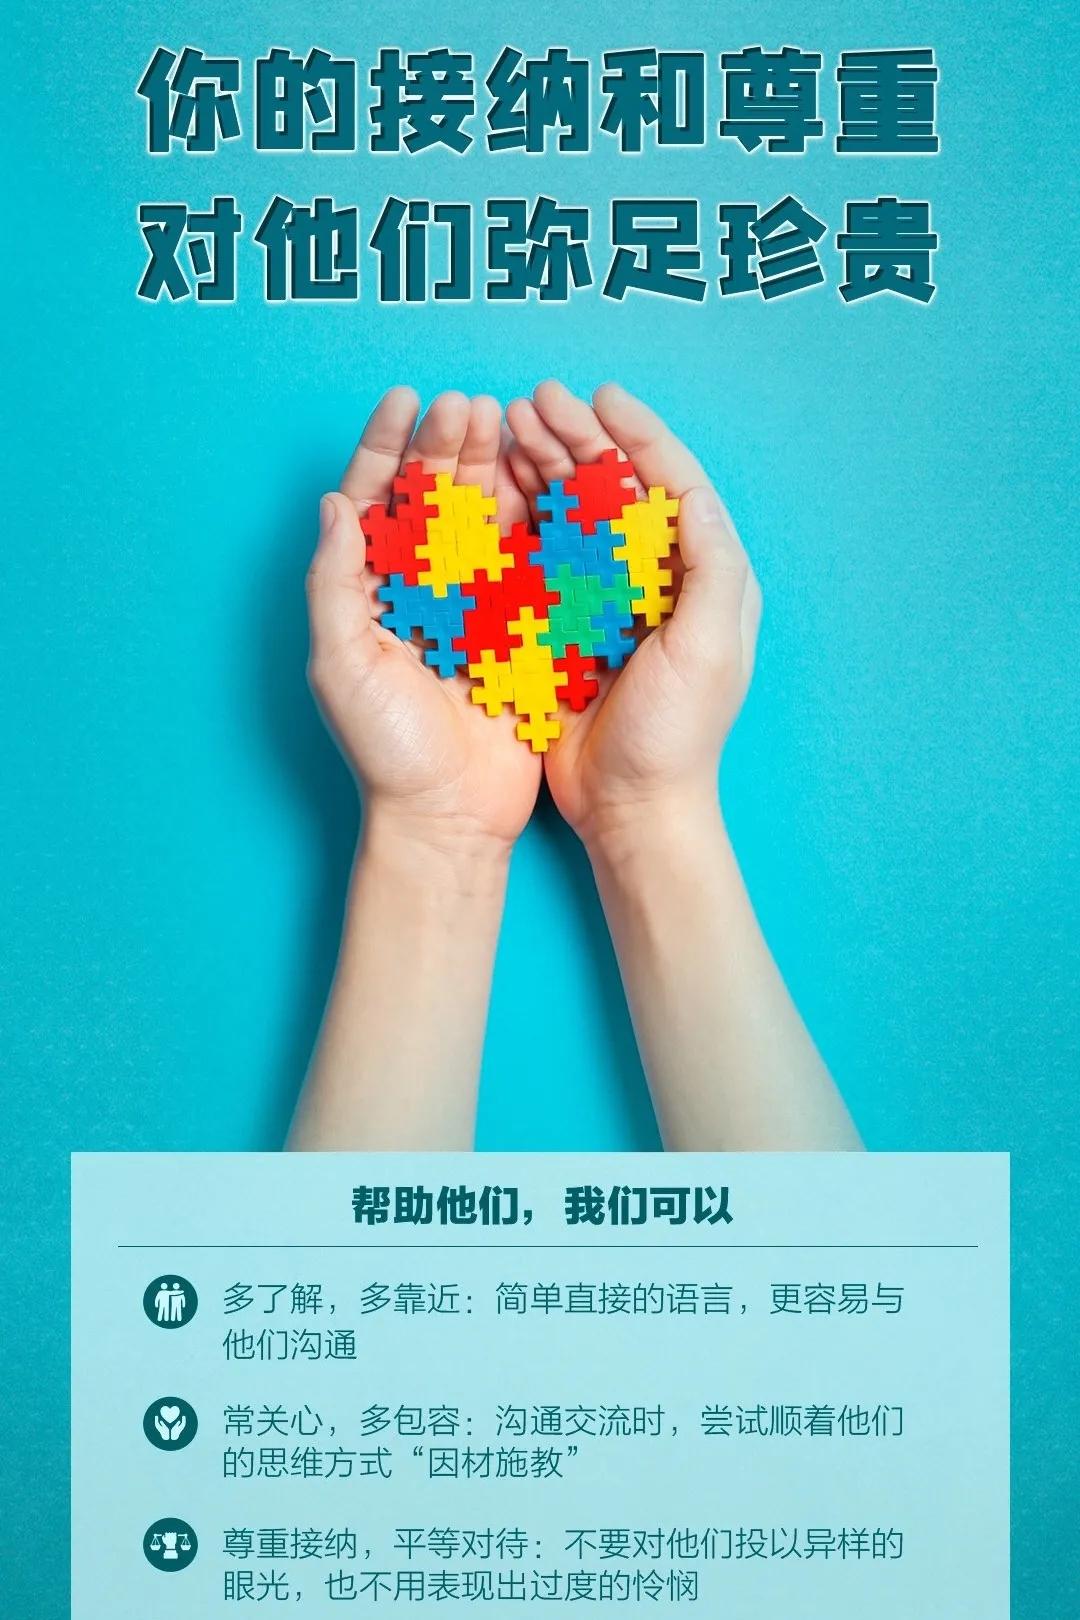 https://level8cases.oss-cn-hangzhou.aliyuncs.com/640.webp(5)-88852b12-95c0-4516-a128-ac178d192e76.jpg